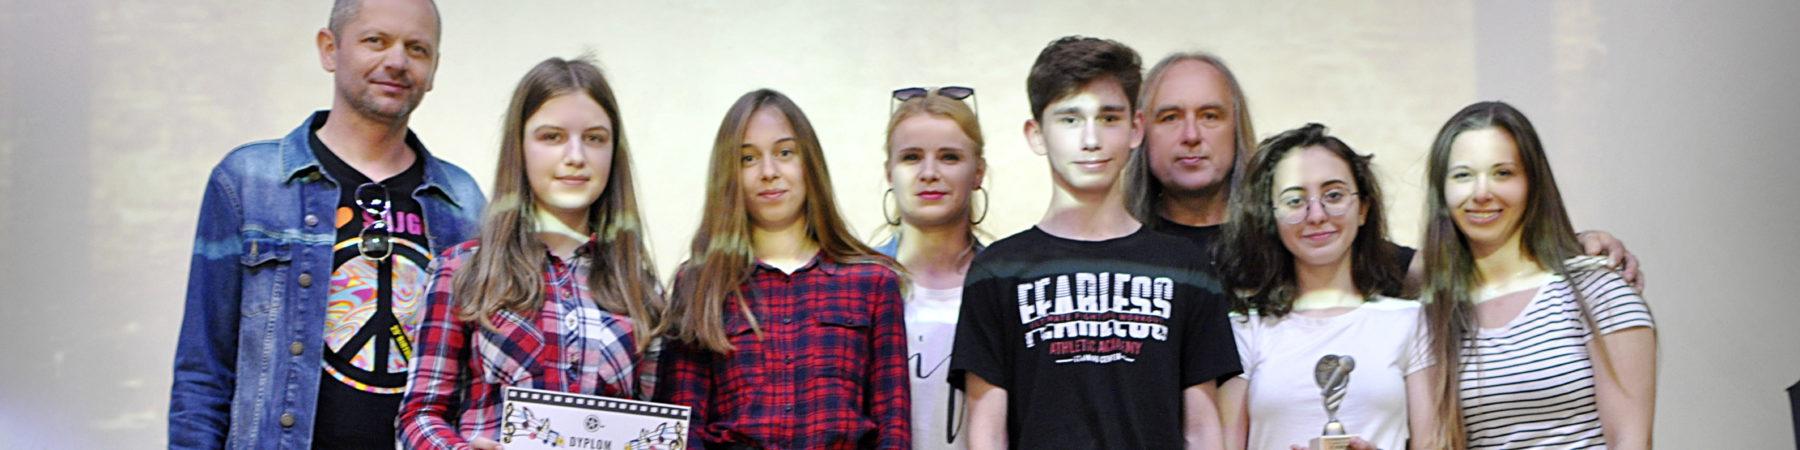 Szkoła Podstawowa nr 3 im. Polskich Olimpijczyków w Ciechocinku